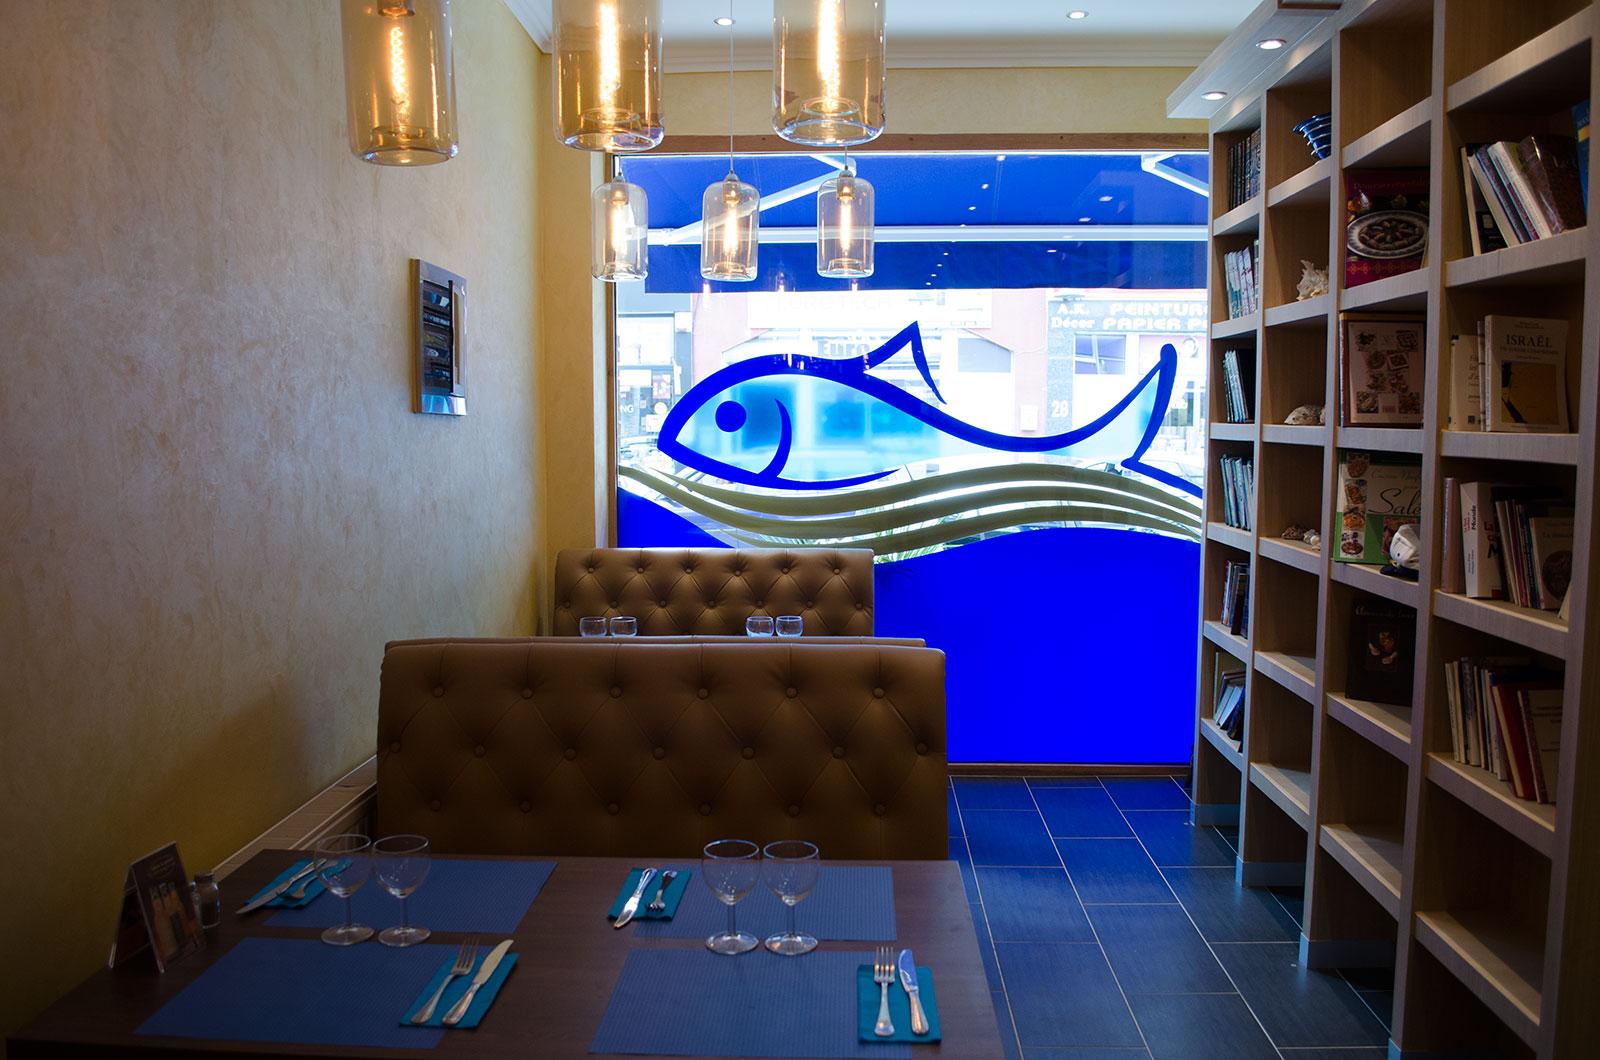 traiteur-img-7 - Livraison de poissons • Poissonnerie • Restaurant • Traiteur à Anderlecht